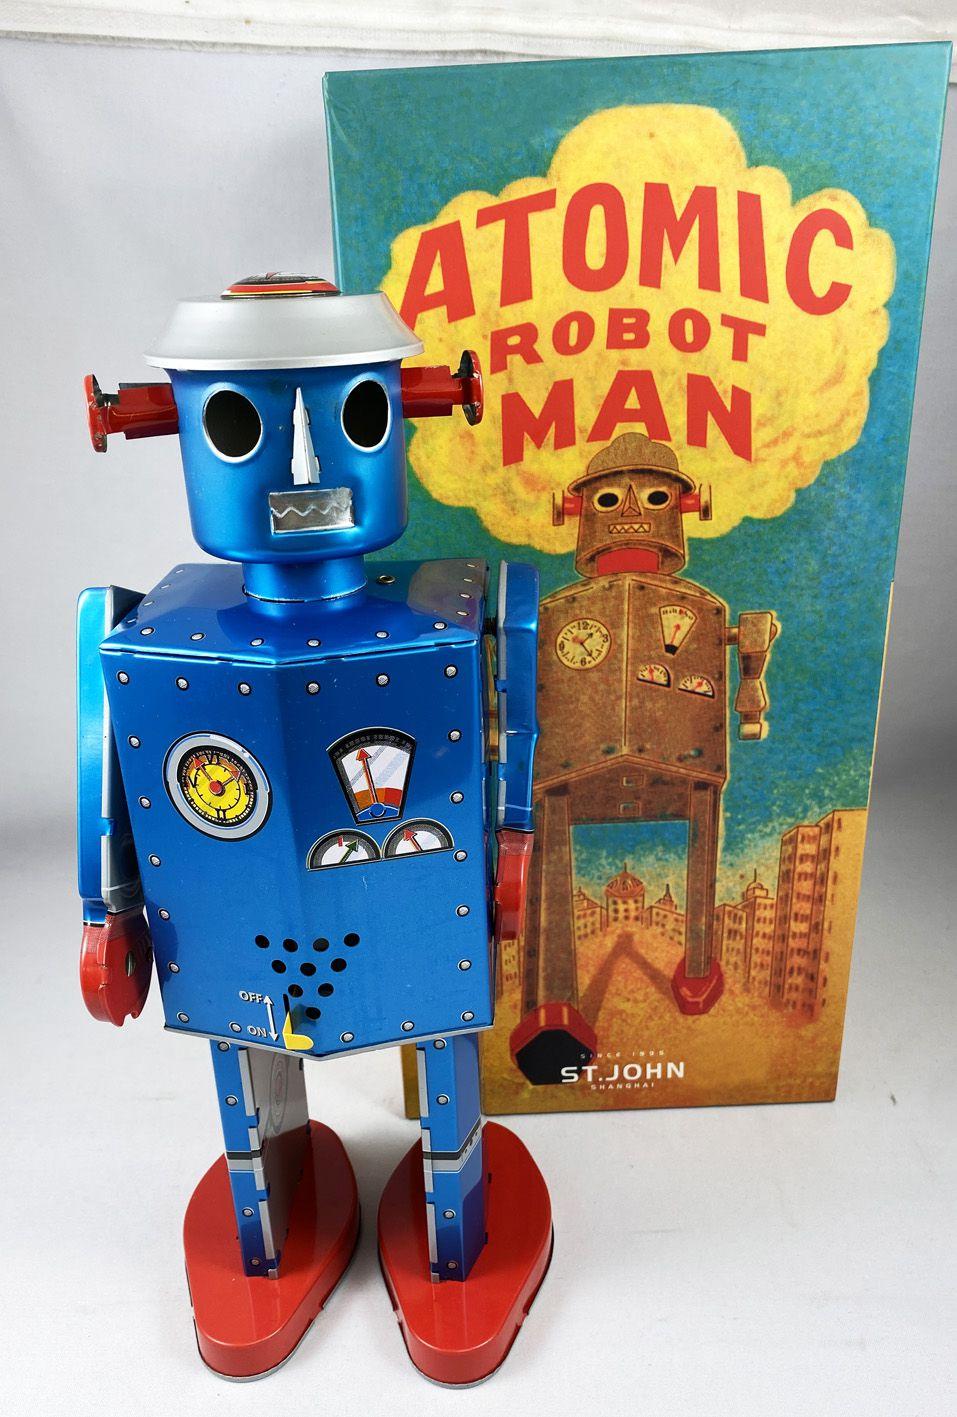 Robot - Robot Marcheur Mécanique en Tôle - Atomic Robot Man Géant Bleu (St.John Tin Toy)